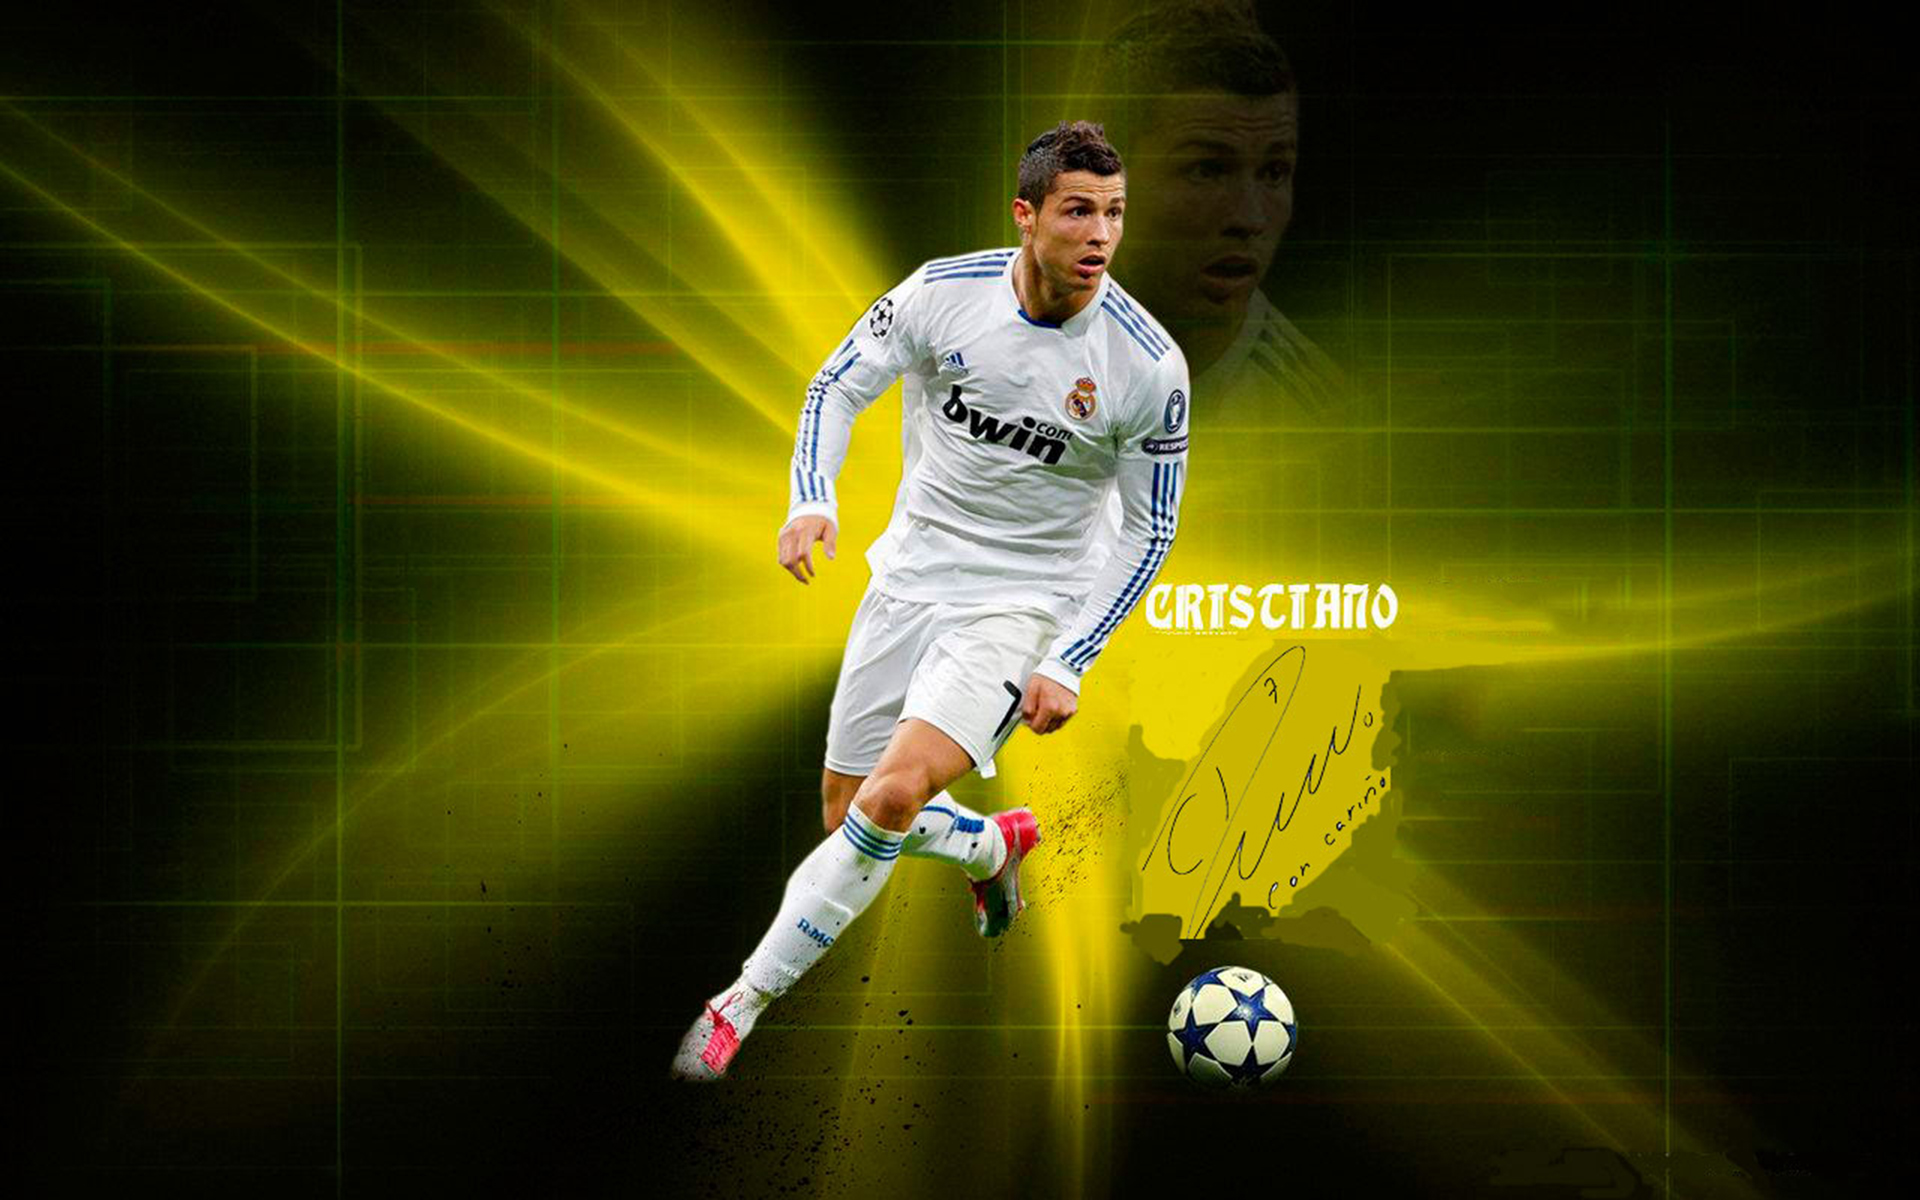 Fondos De Pantalla De Cristiano Ronaldo: Imagenes De Lionel Messi Y Cristiano Ronaldo Para Fondo De